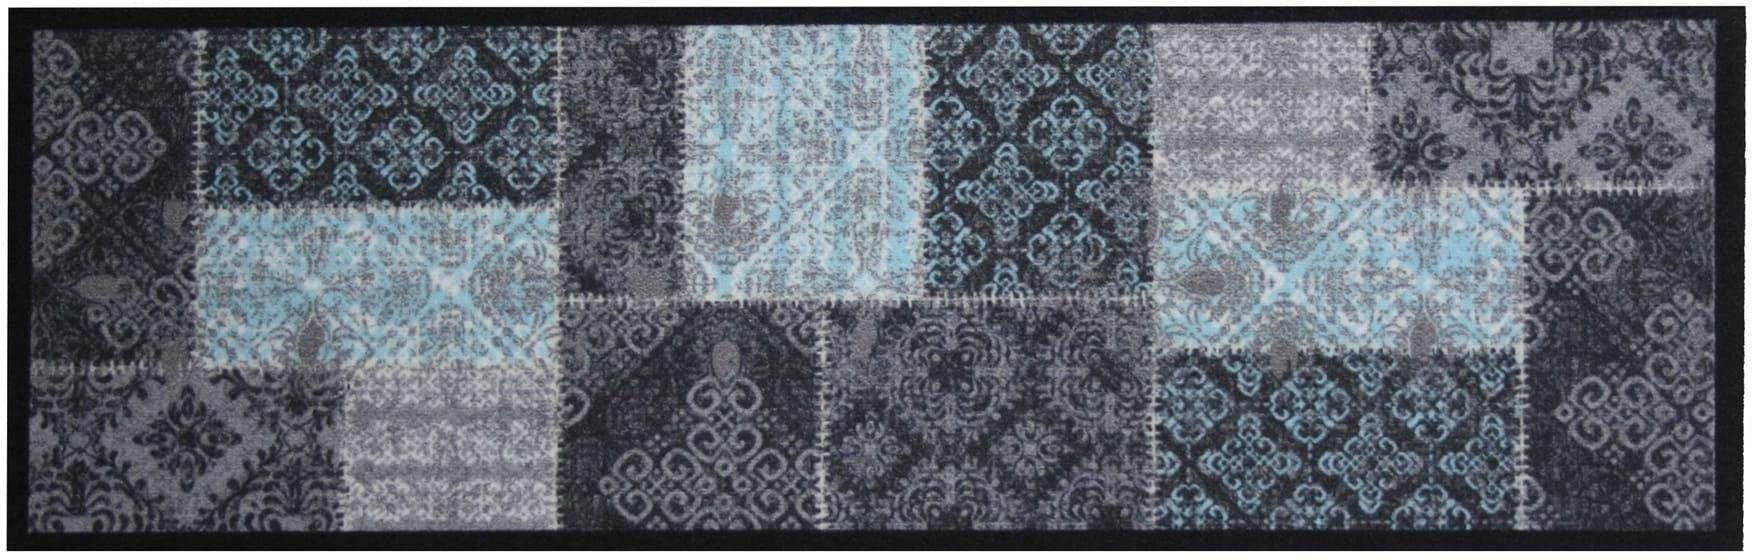 Küchenläufer ORIENTAL PATCH Primaflor-Ideen in Textil rechteckig Höhe 5 mm